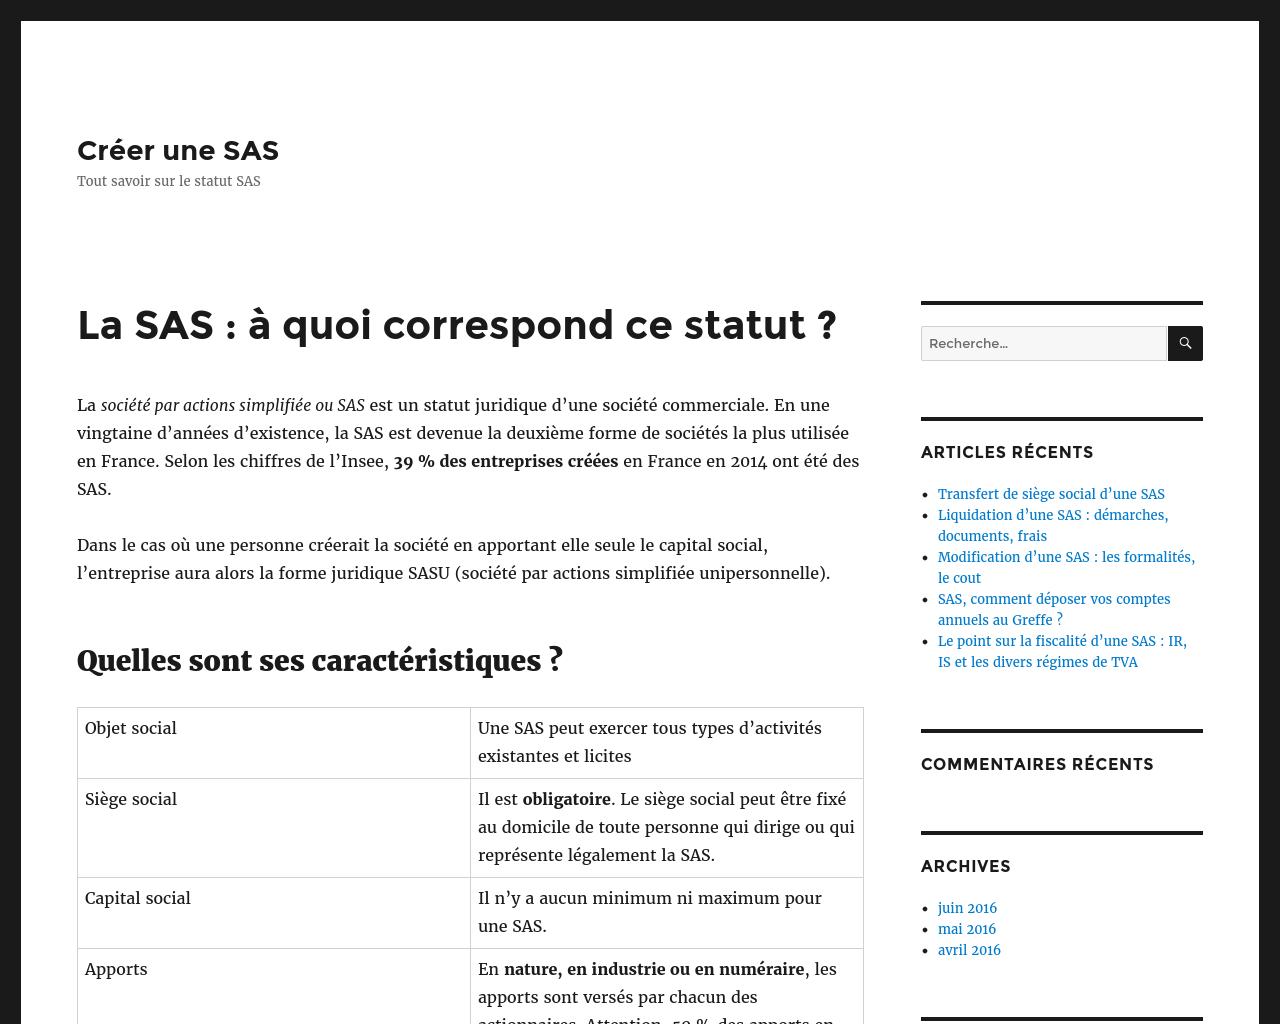 Quelques conseils pertinents pour créer une SAS